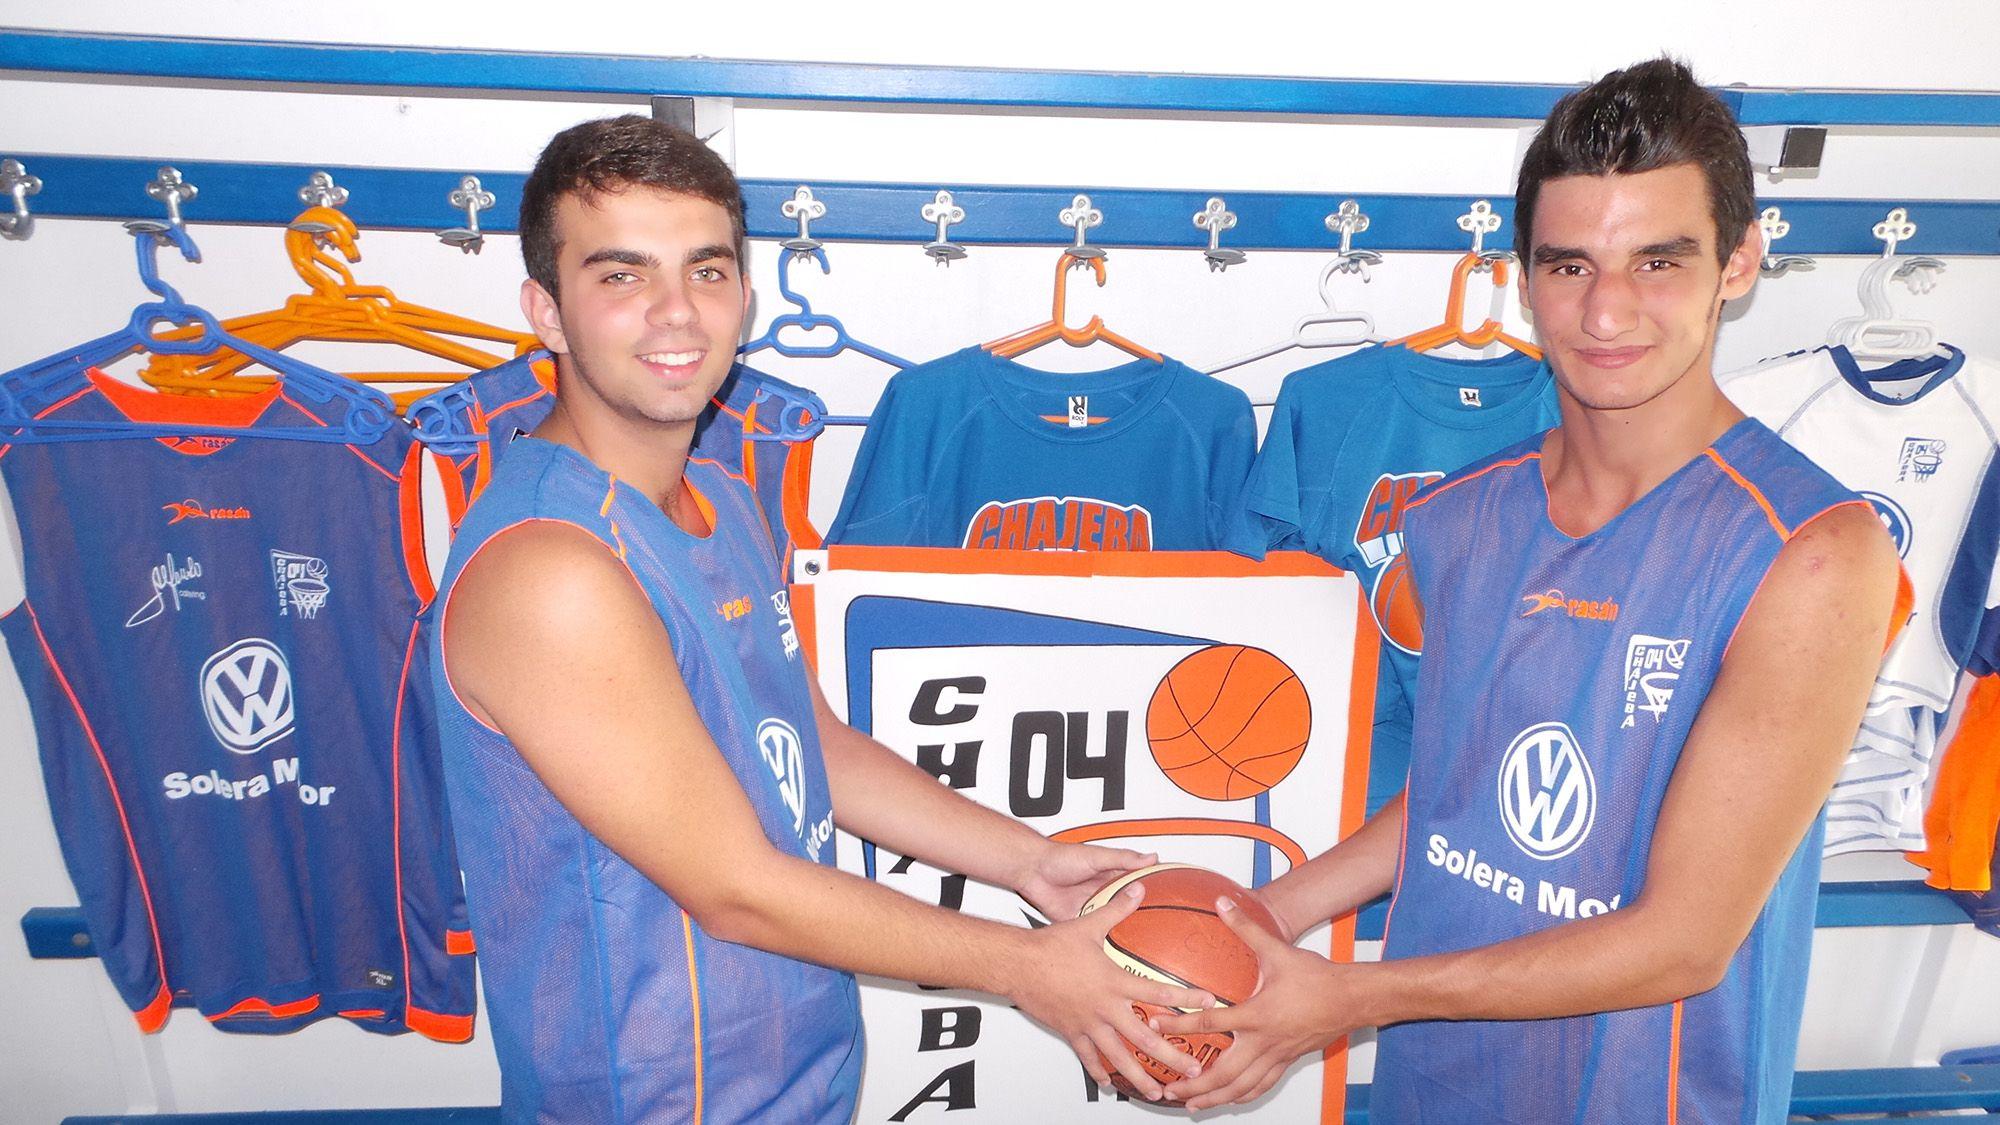 Miguel Enríquez junto a Jaime Diánez en la presentación de ambos como nuevas incorporaciones del club Chajeba'04